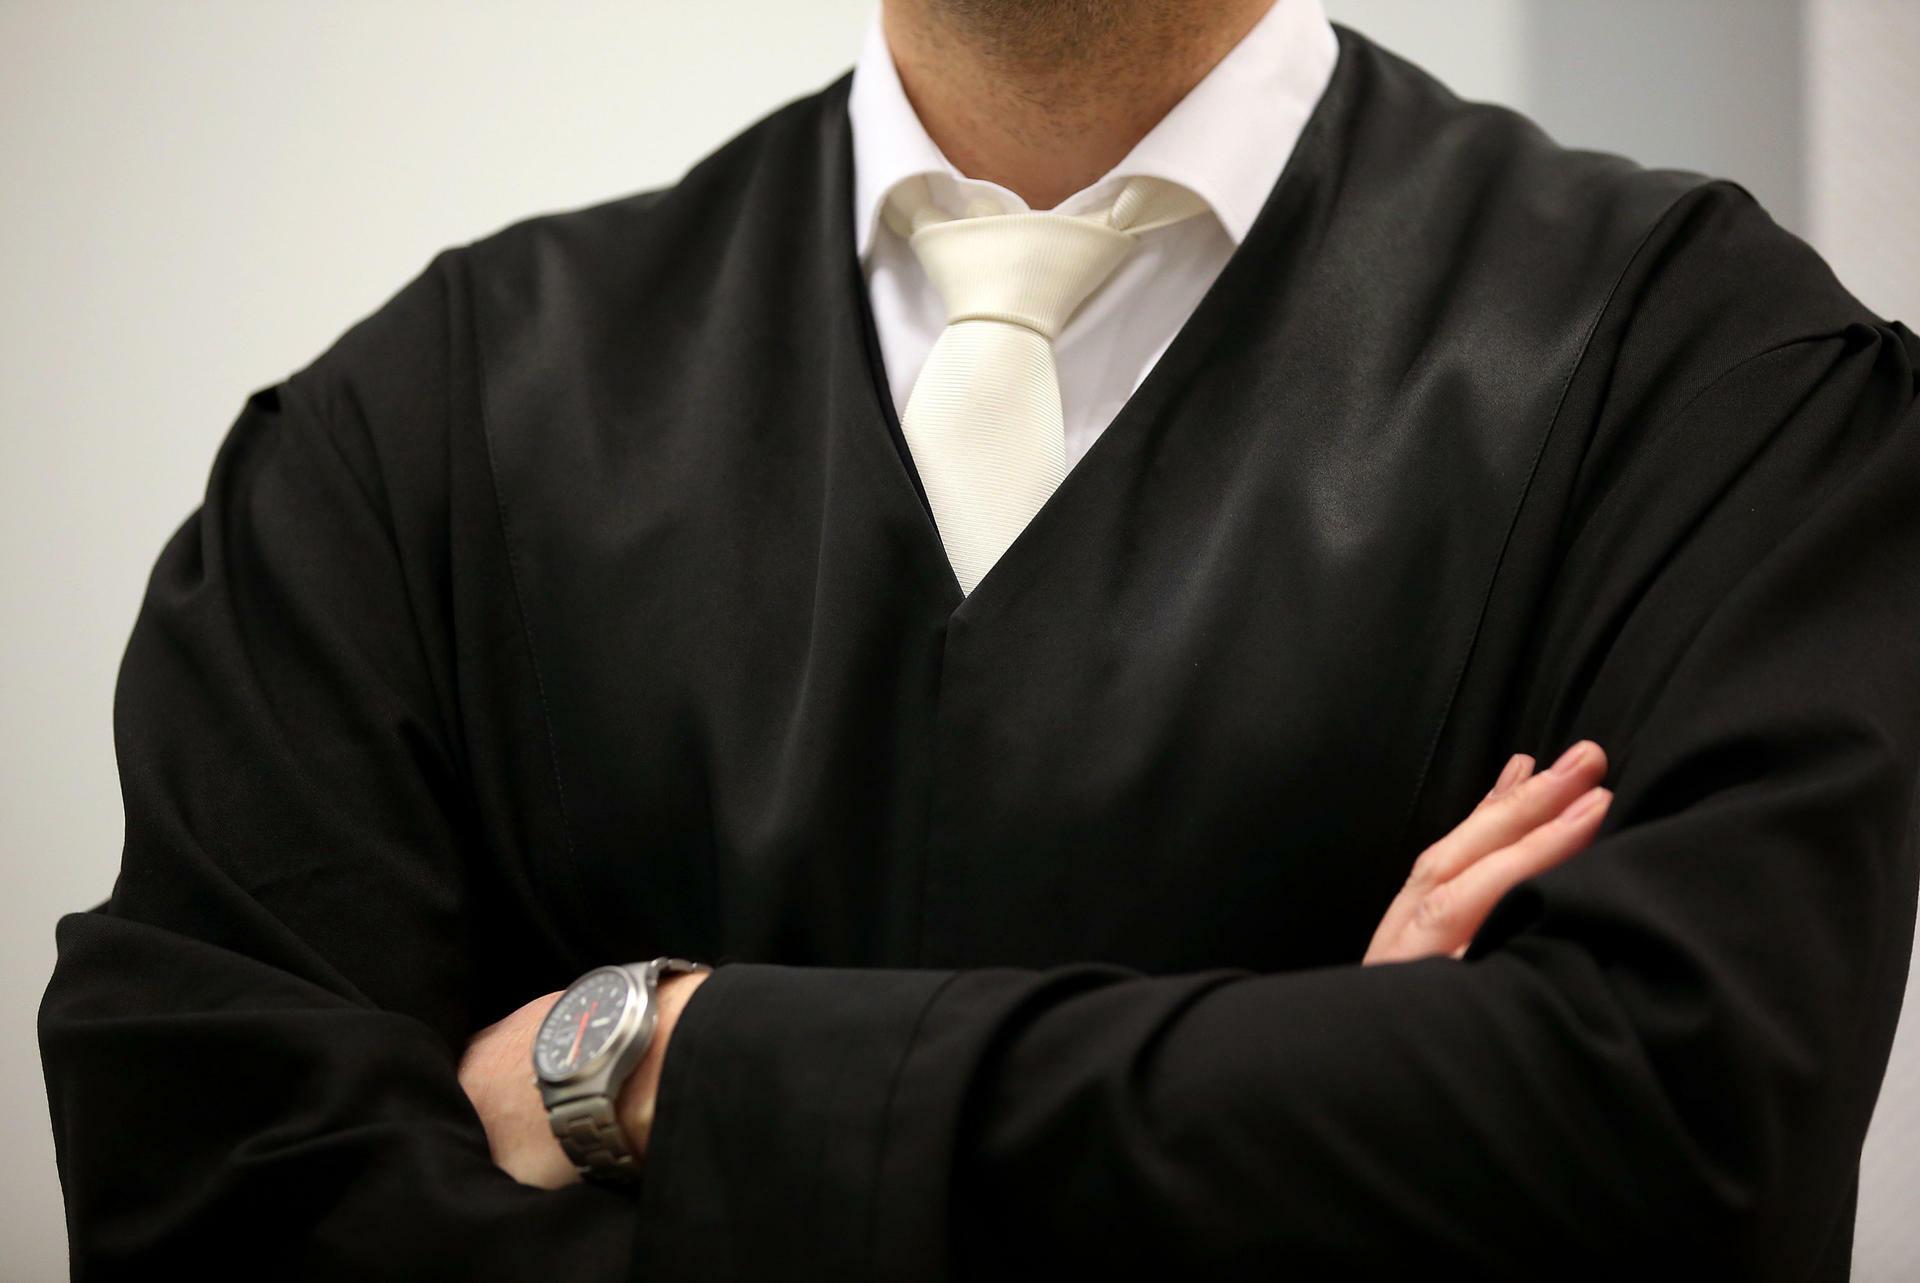 Urteil zu Dresscode vor Gericht: Auch Anwälte müssen Robe tragen